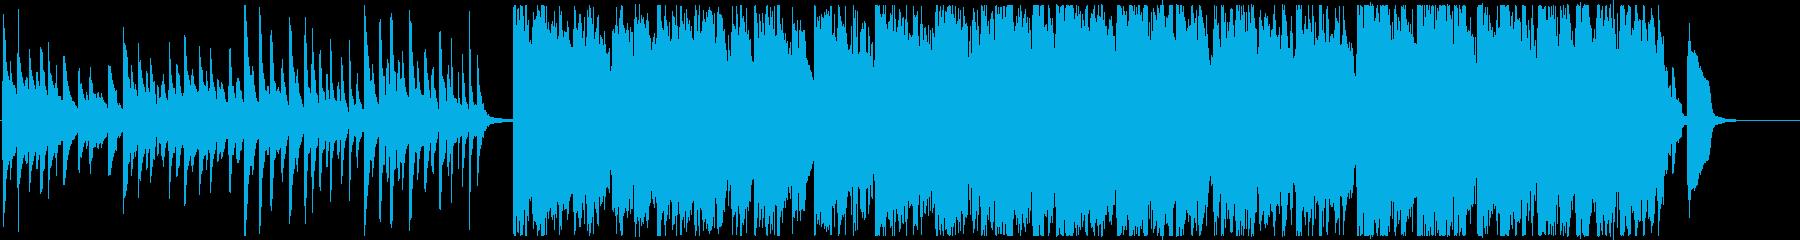 ピアノやマリンバを使用したポップな曲の再生済みの波形